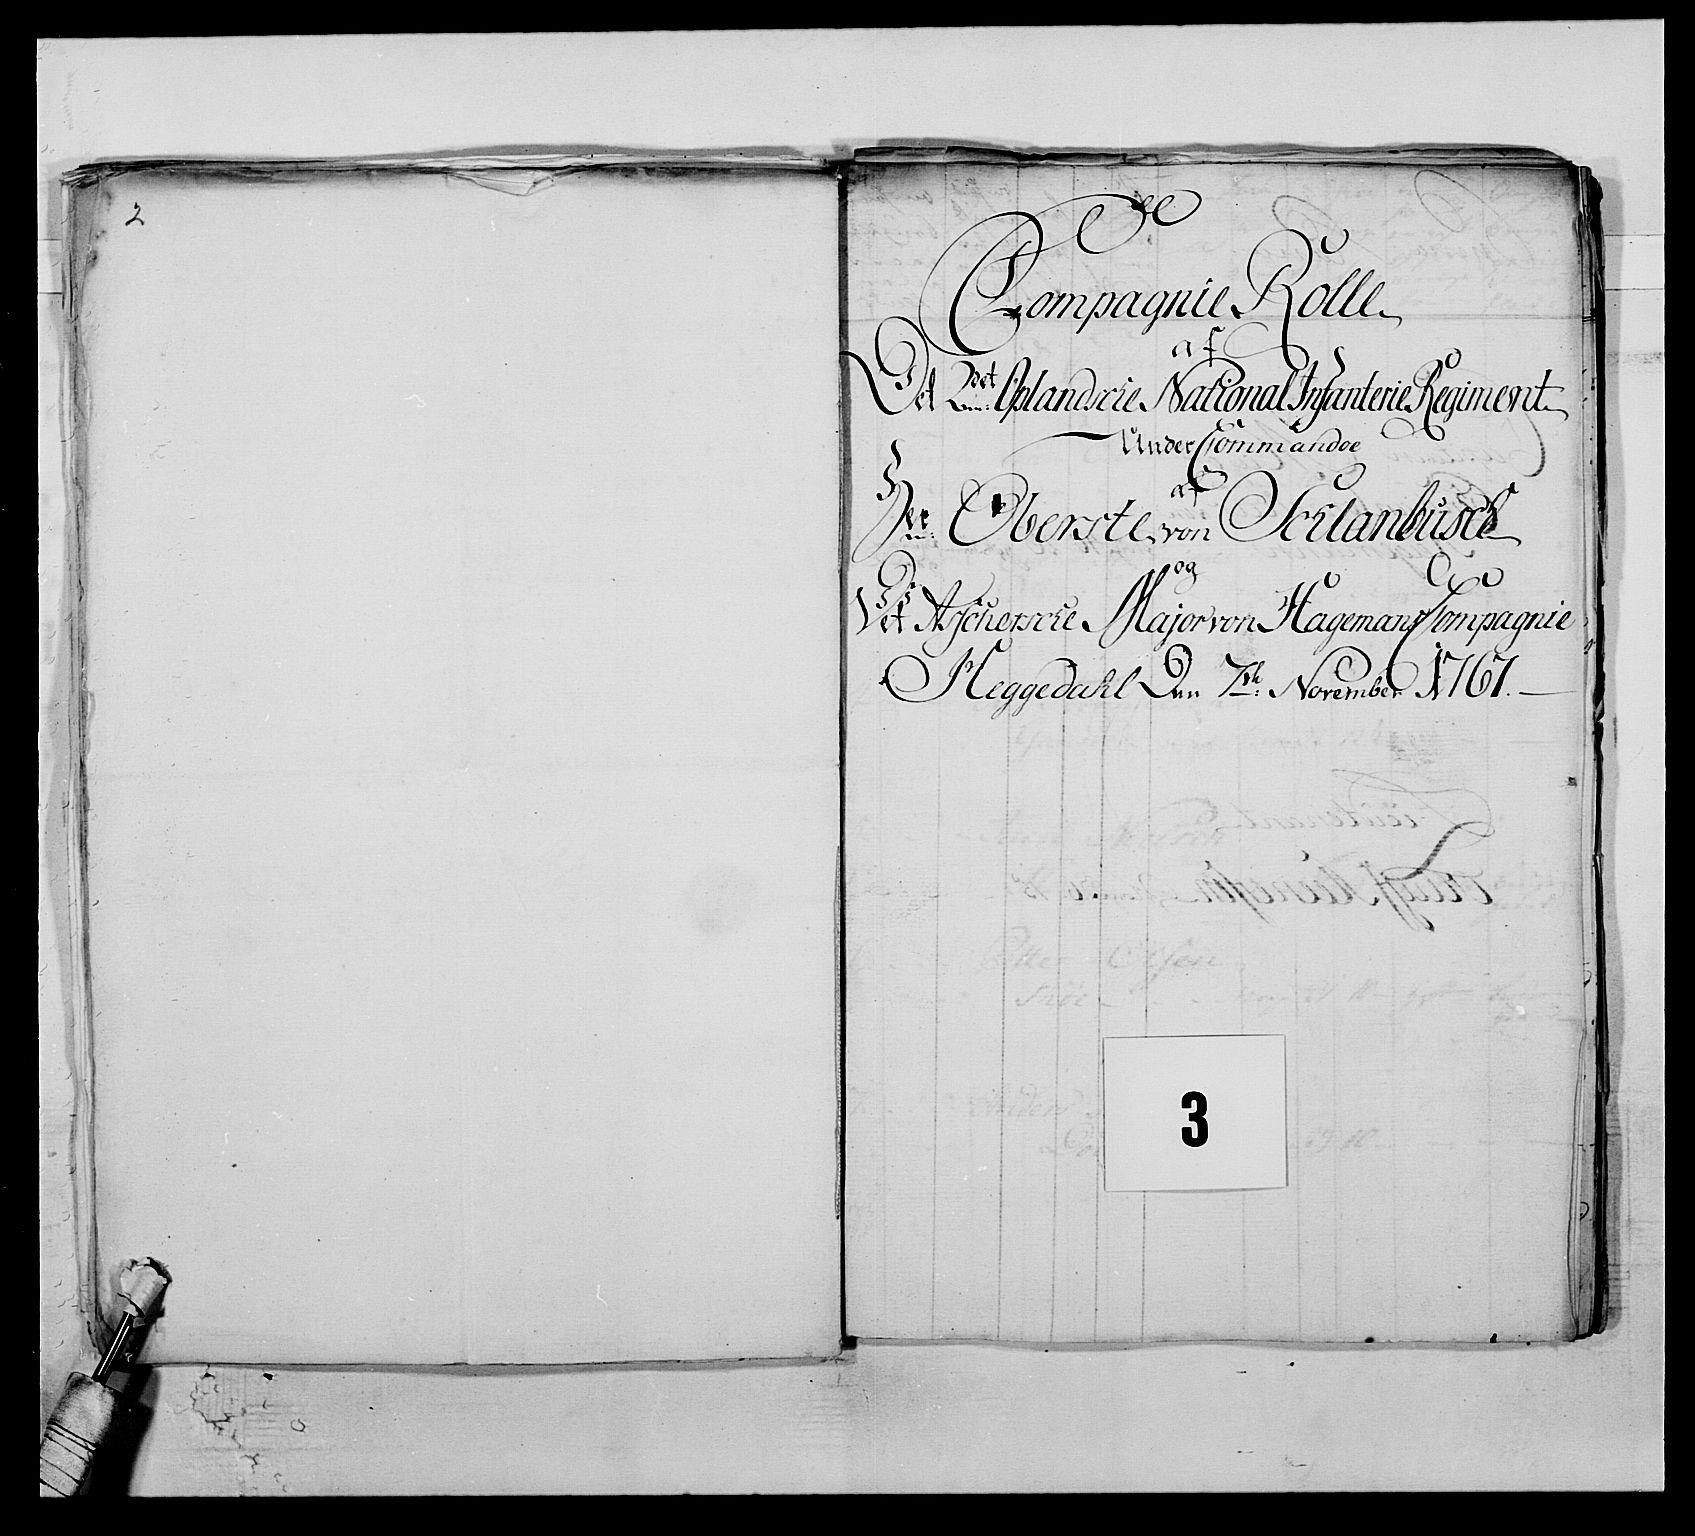 RA, Kommanderende general (KG I) med Det norske krigsdirektorium, E/Ea/L0507: 2. Opplandske regiment, 1766-1767, s. 18